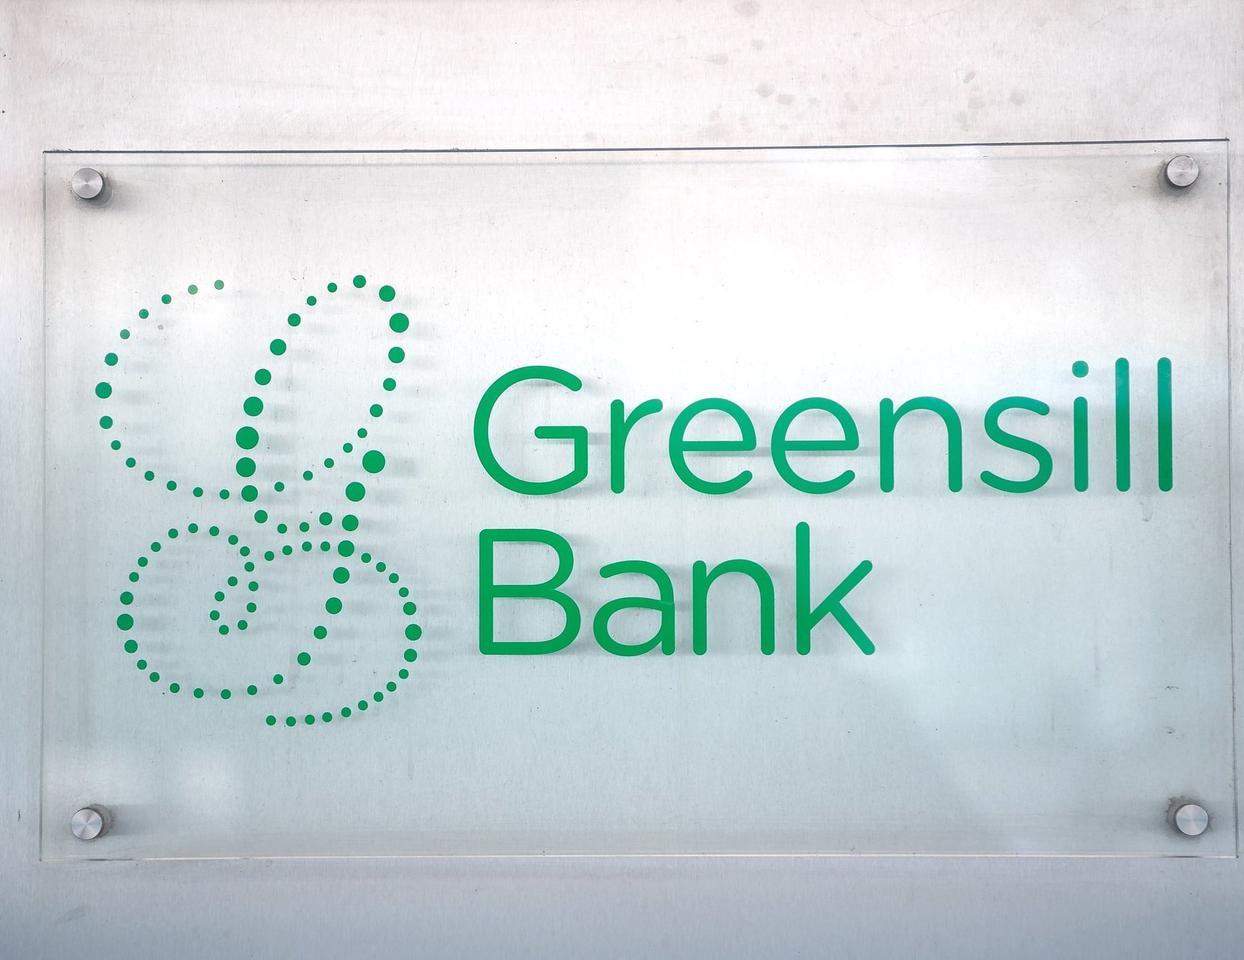 Nach Greensill-Pleite: So werden AWB-Verluste geschultert